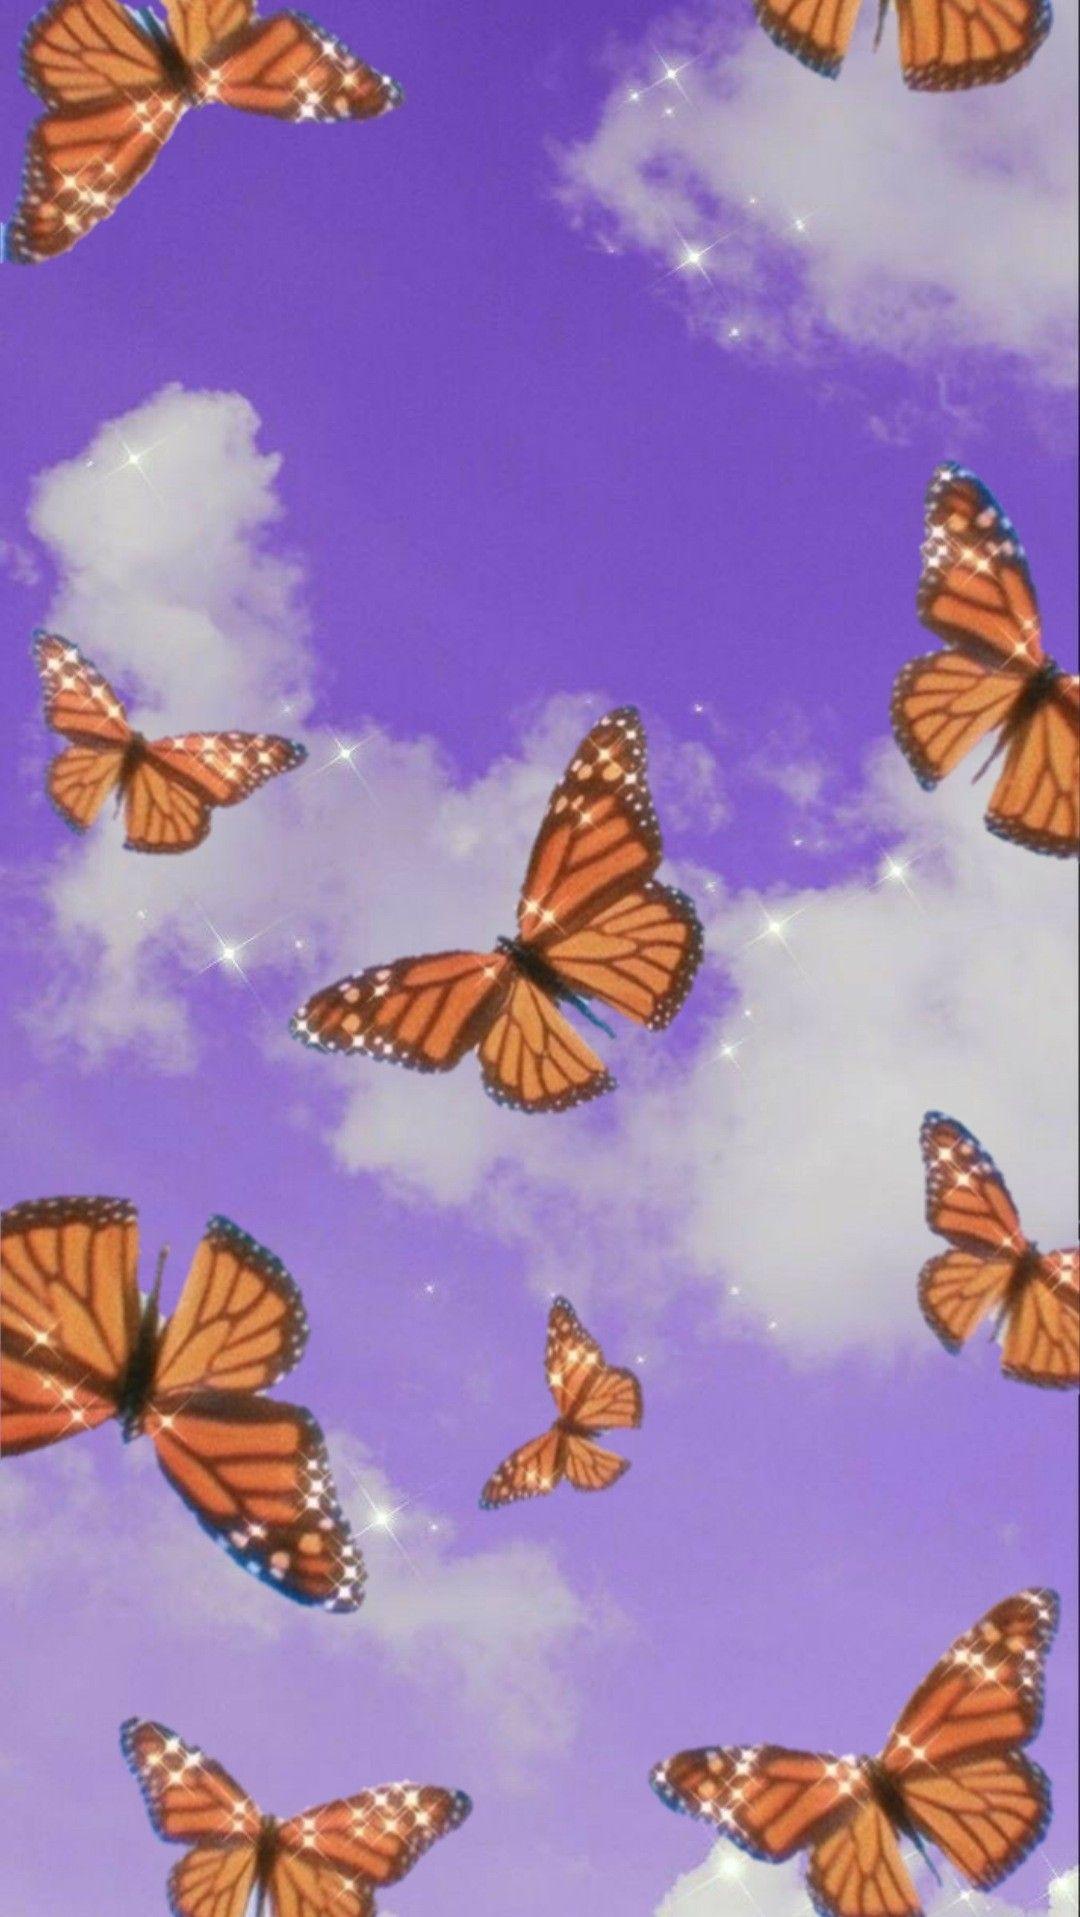 Purple Butterfly Wallpaper Aesthetic : purple, butterfly, wallpaper, aesthetic, Screen